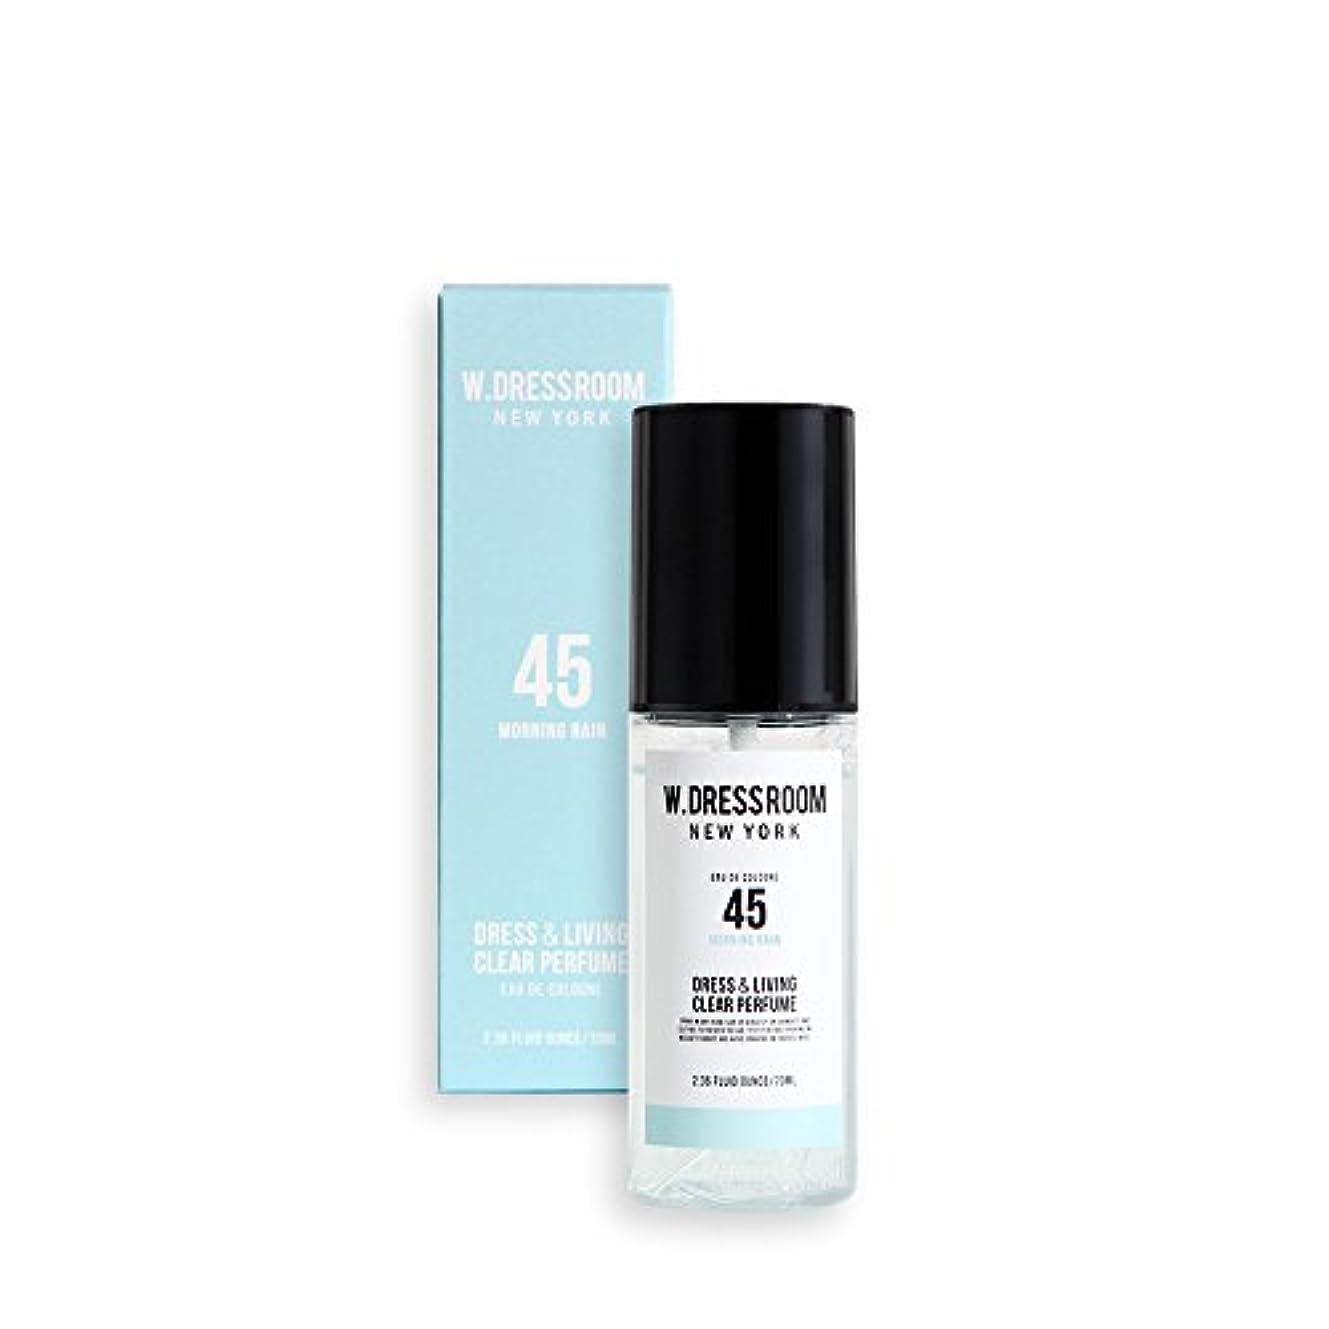 リビジョン玉徴収W.DRESSROOM Dress & Living Clear Perfume 70ml/ダブルドレスルーム ドレス&リビング クリア パフューム 70ml (#No.45 Morning Rain) [並行輸入品]